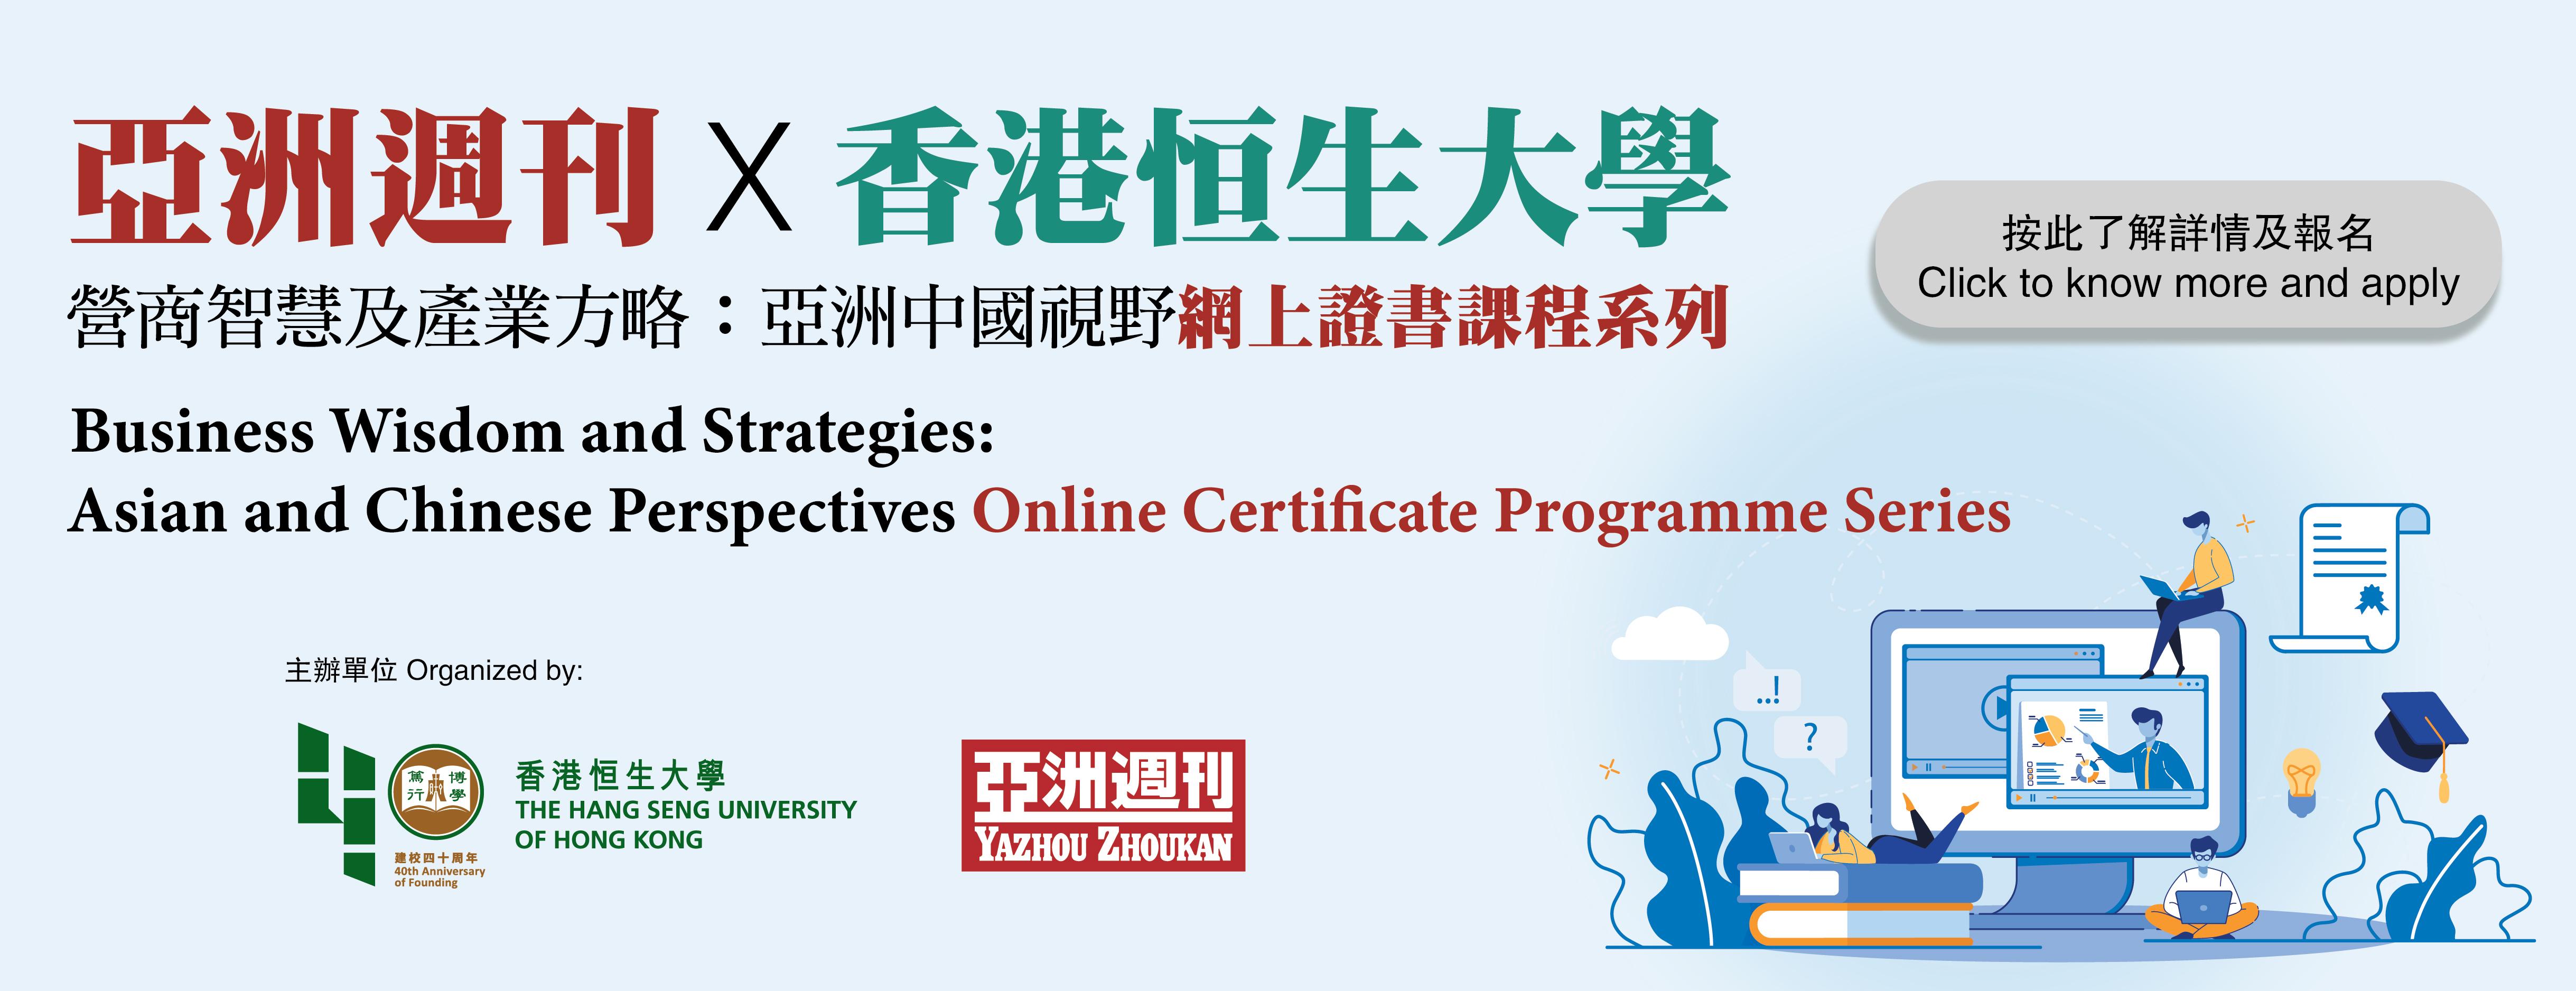 營商智慧及產業方略:亞洲中國視野網上證書課程系列